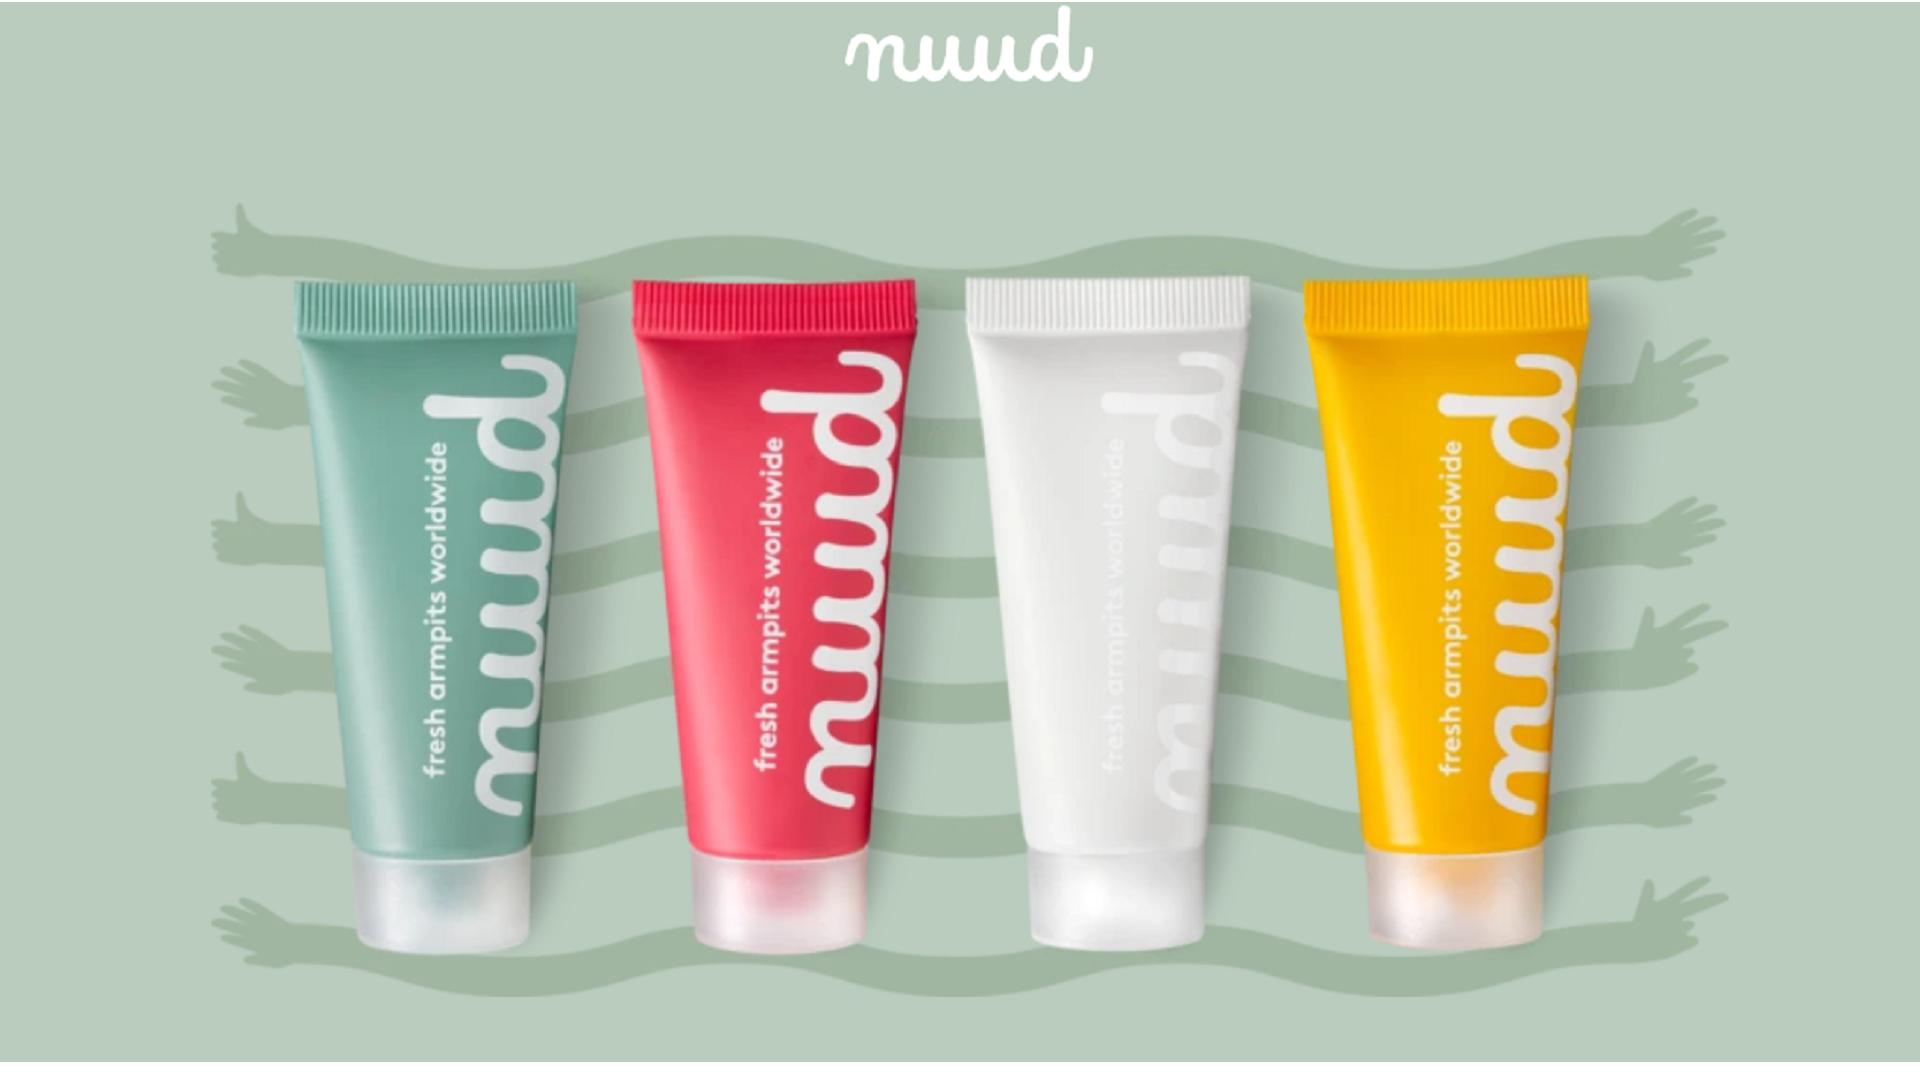 Eveline Maertens (Nuud): «El bicarbonato de sodio cambia el valor del pH de la piel. Pero también elimina todas las bacterias buenas que protegen la piel»